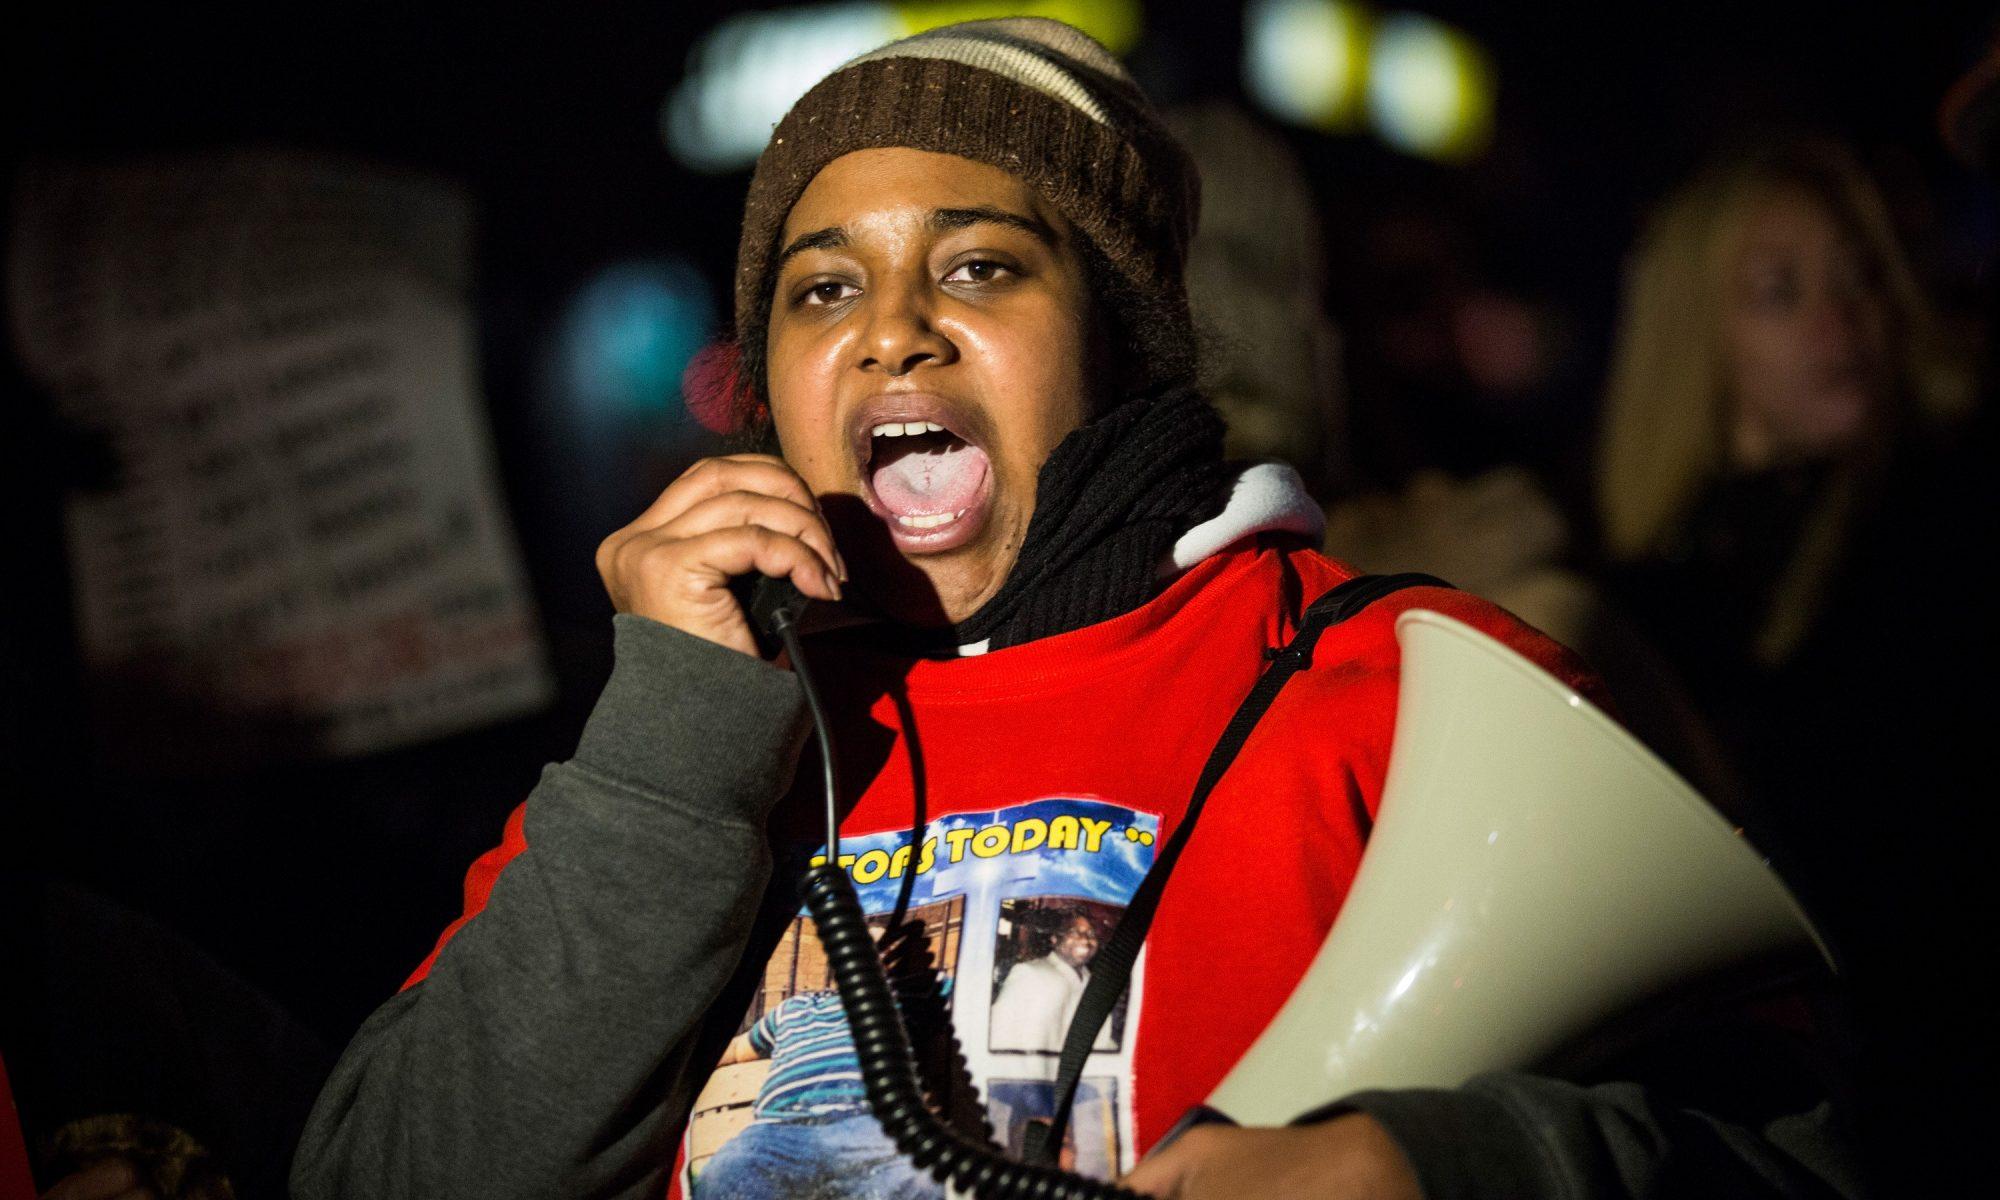 Activismo en la calle